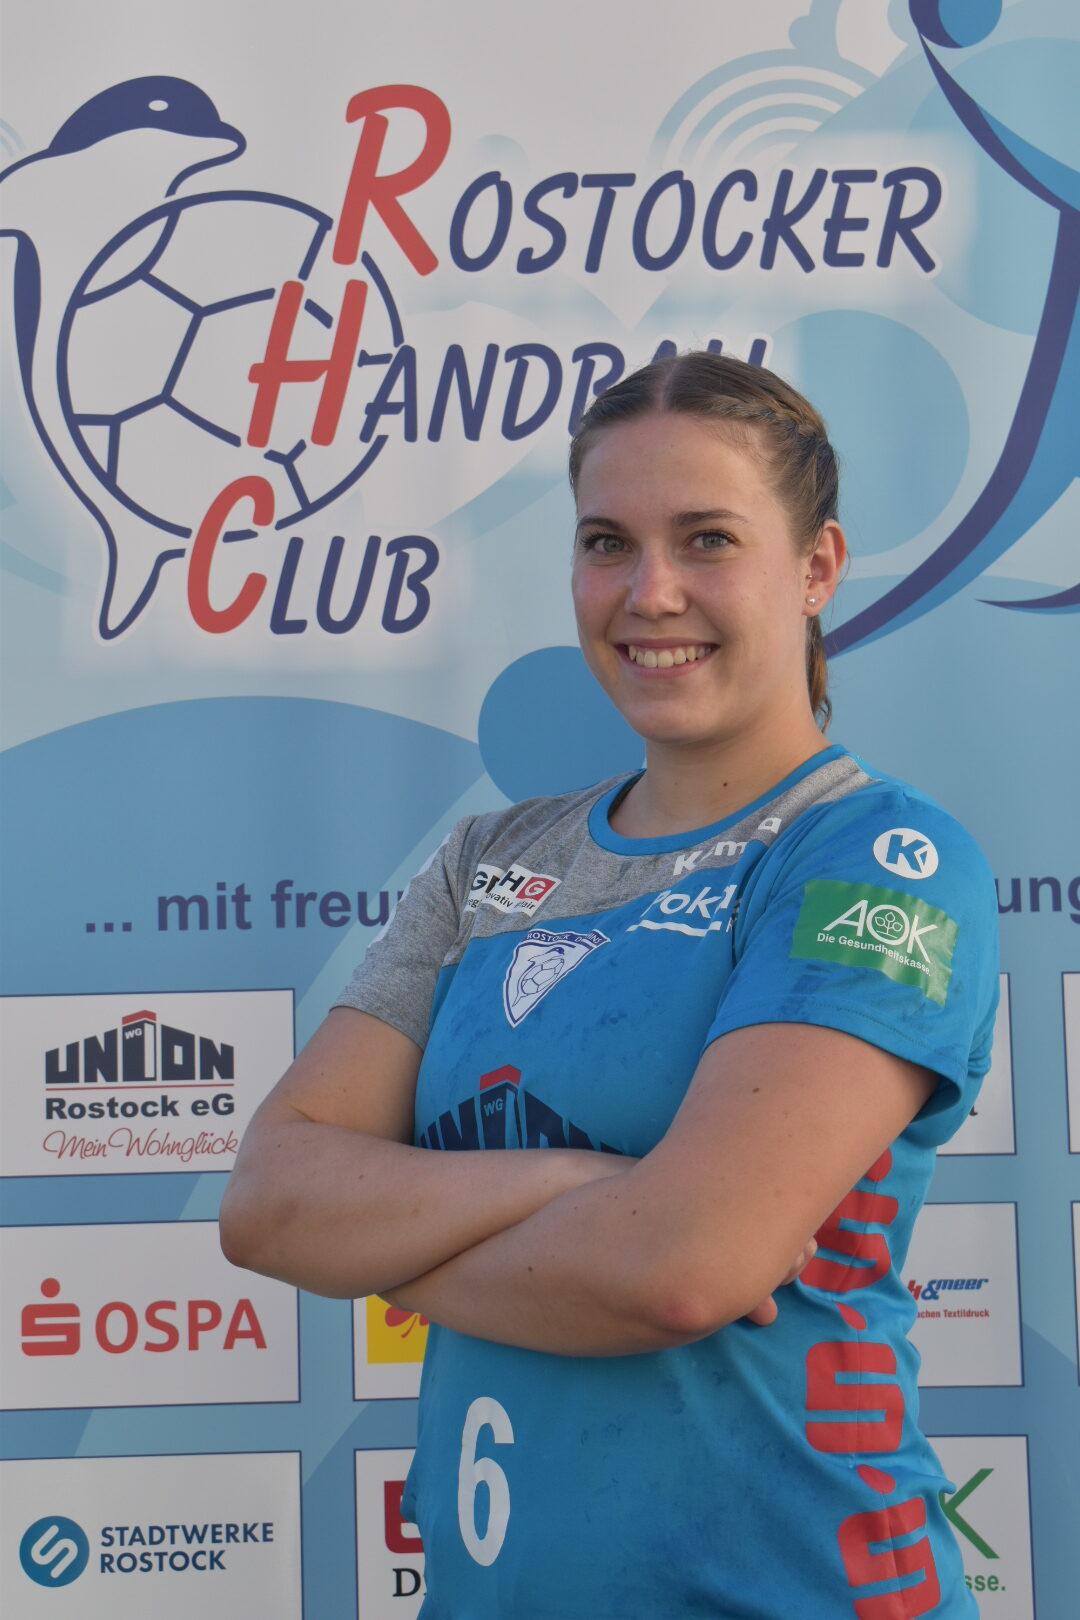 Liza Johannisson